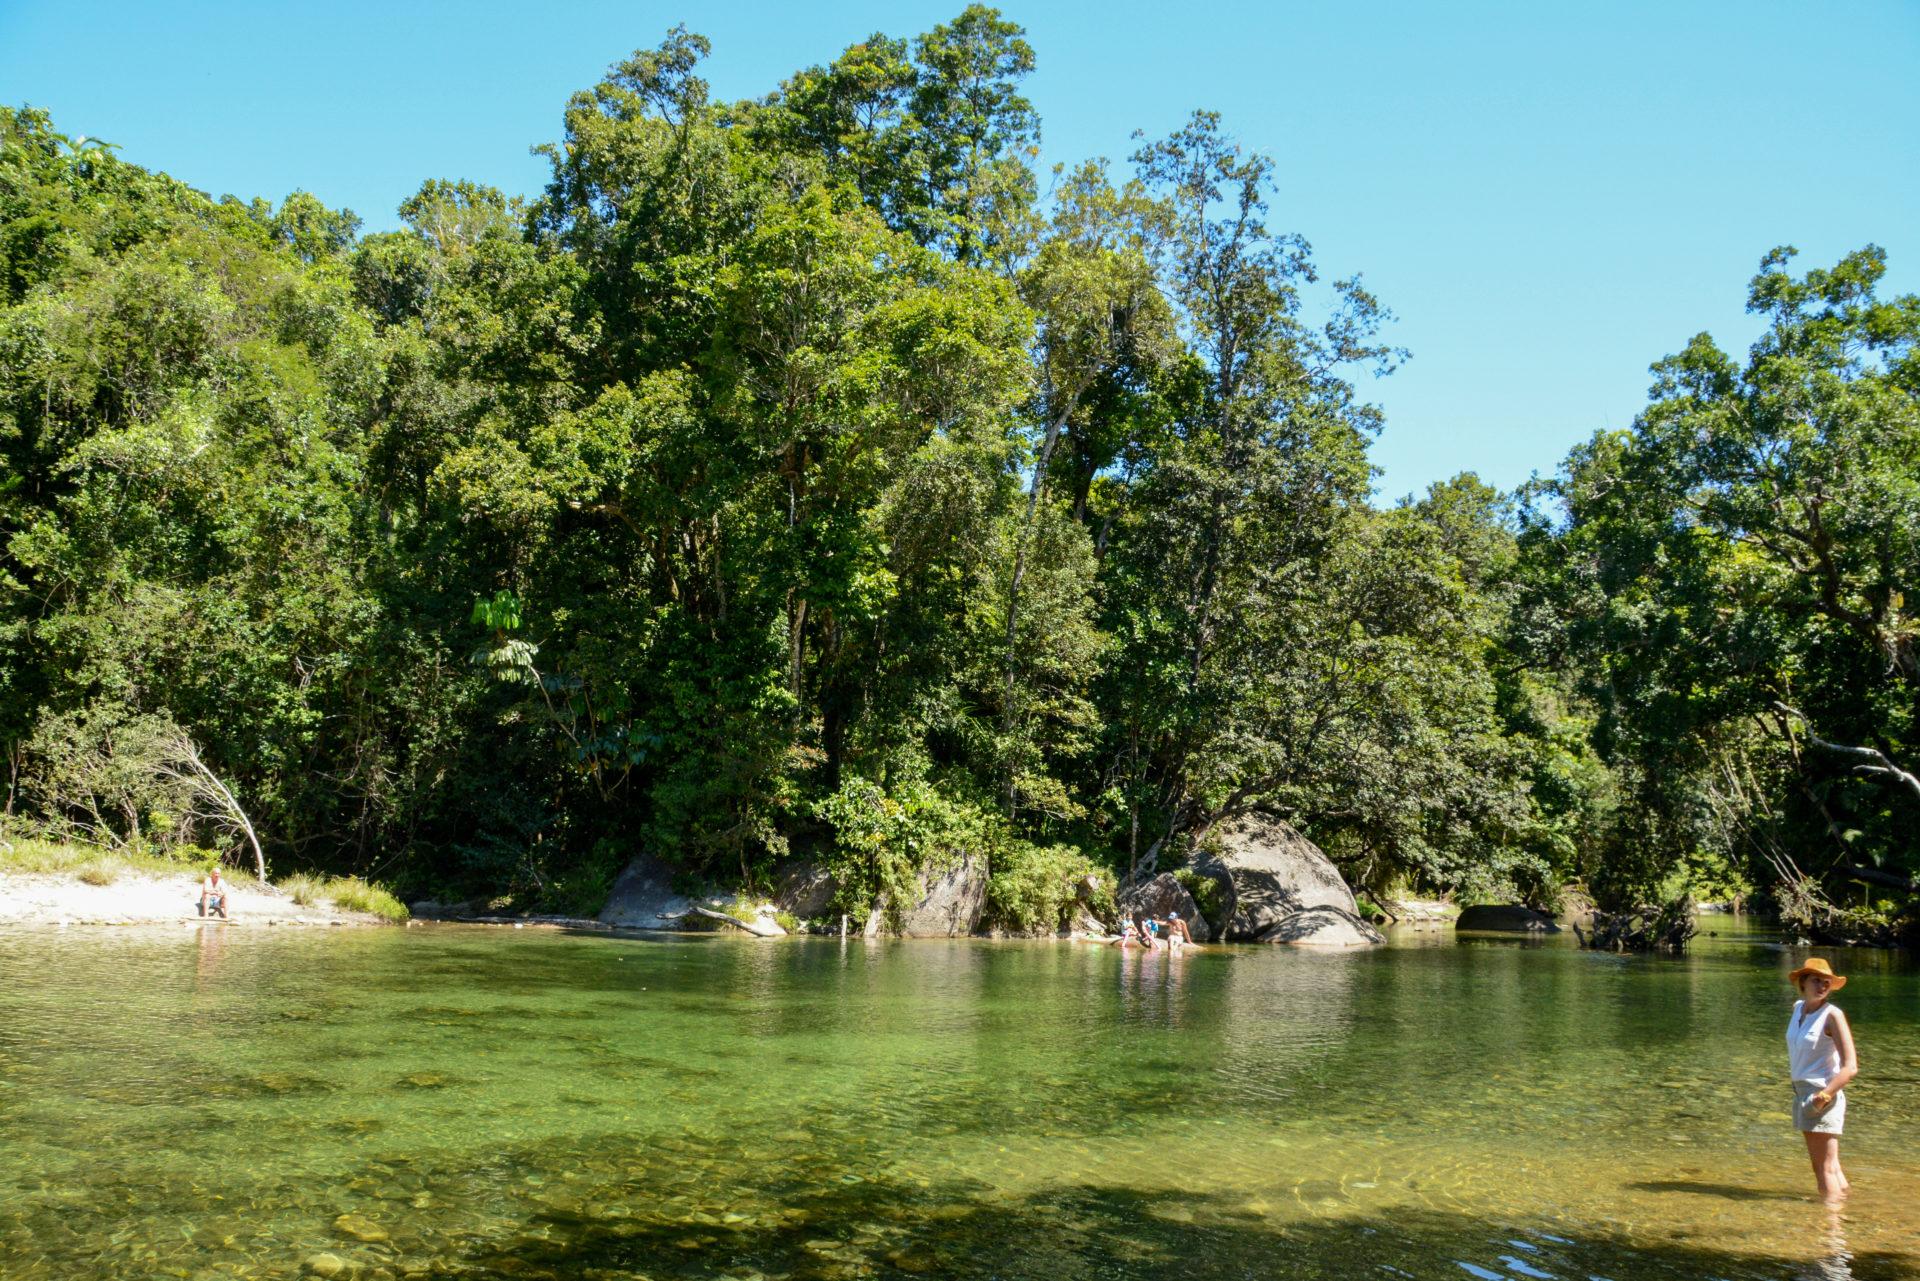 Frau mit Hut in einem Fluss in Queensland